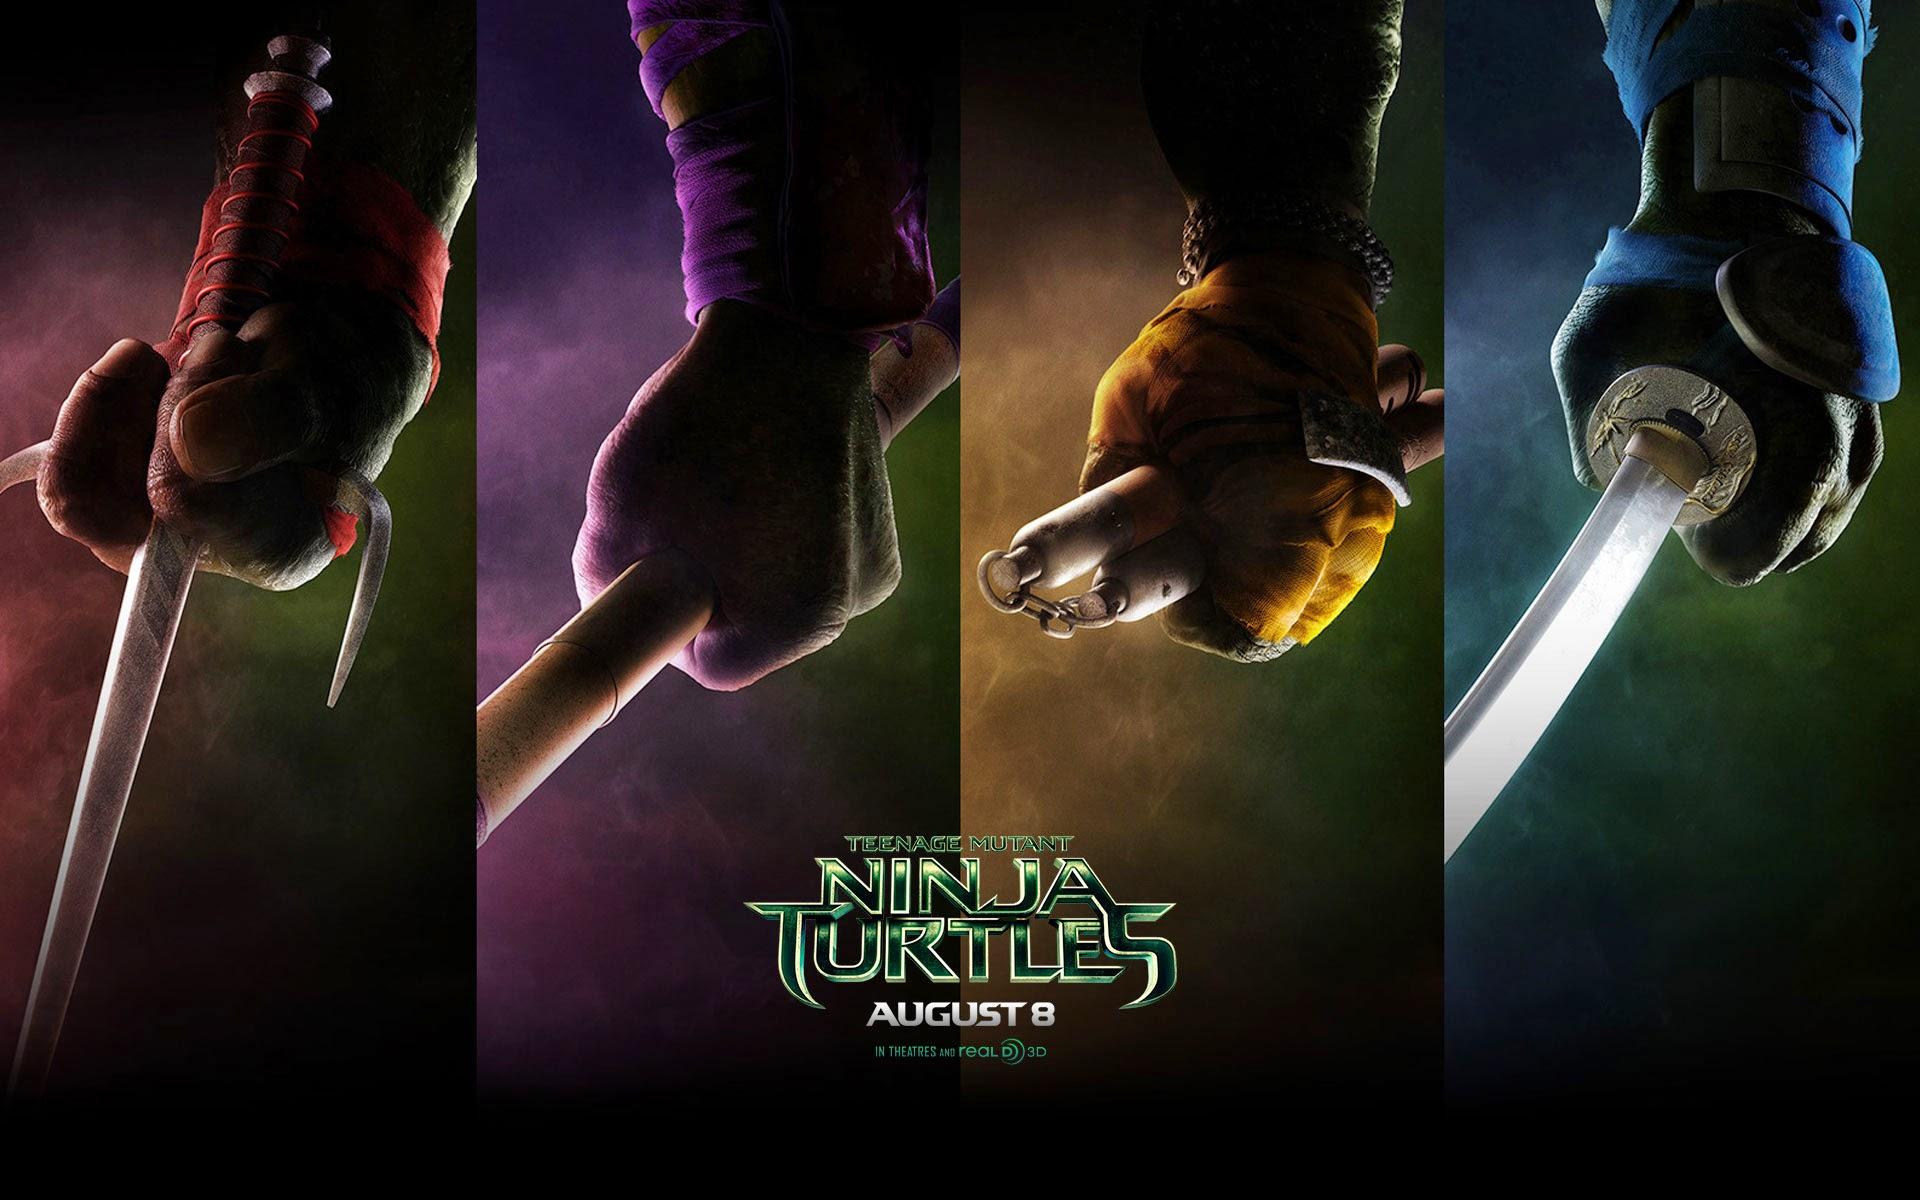 Τα Χελωνονιντζάκια (Teenage Mutant Ninja Turtles) Wallpaper